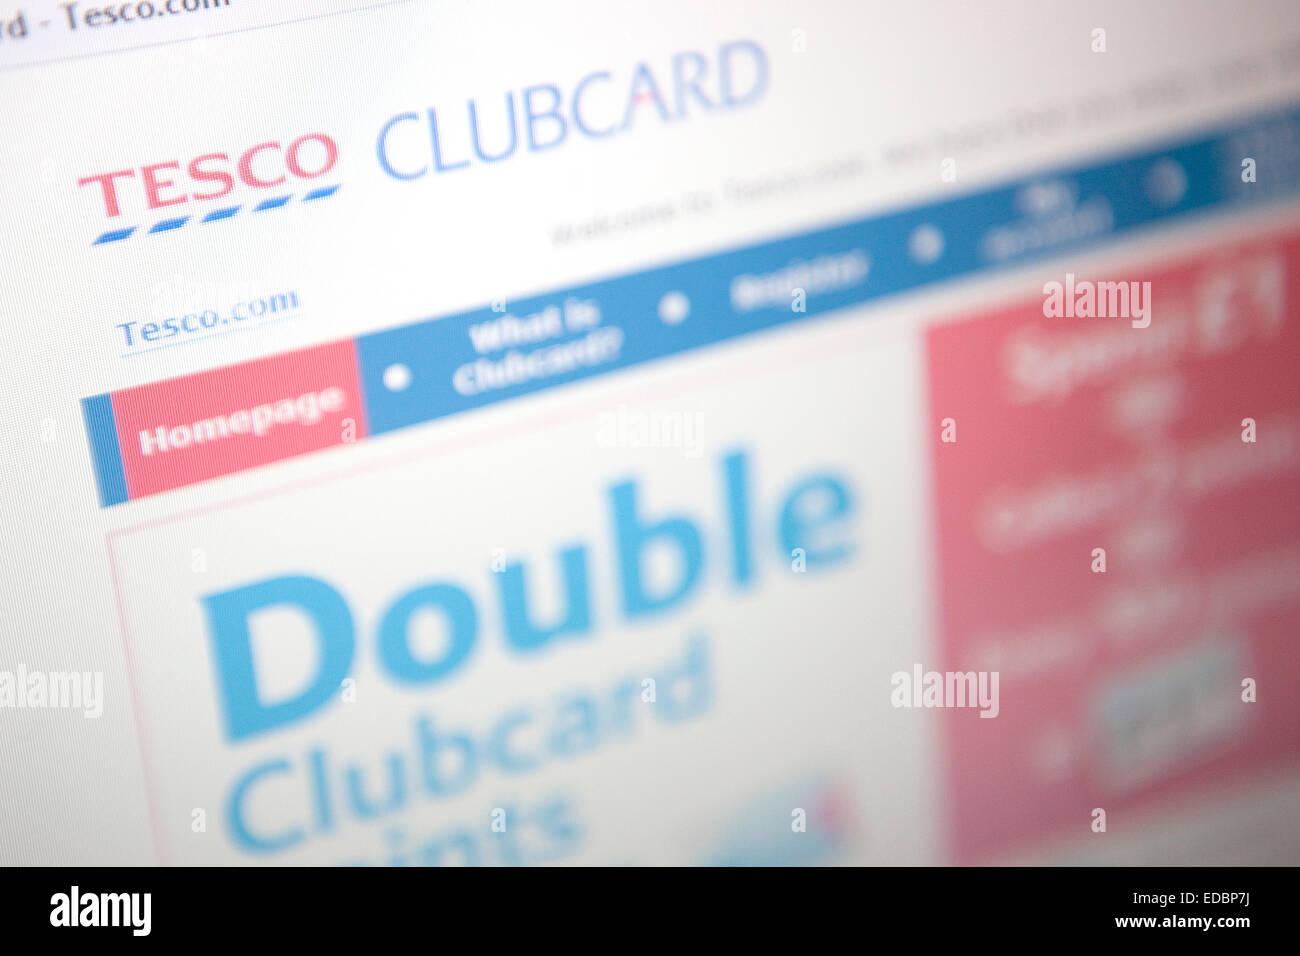 Anschauliches Bild von der Tesco-website Stockbild